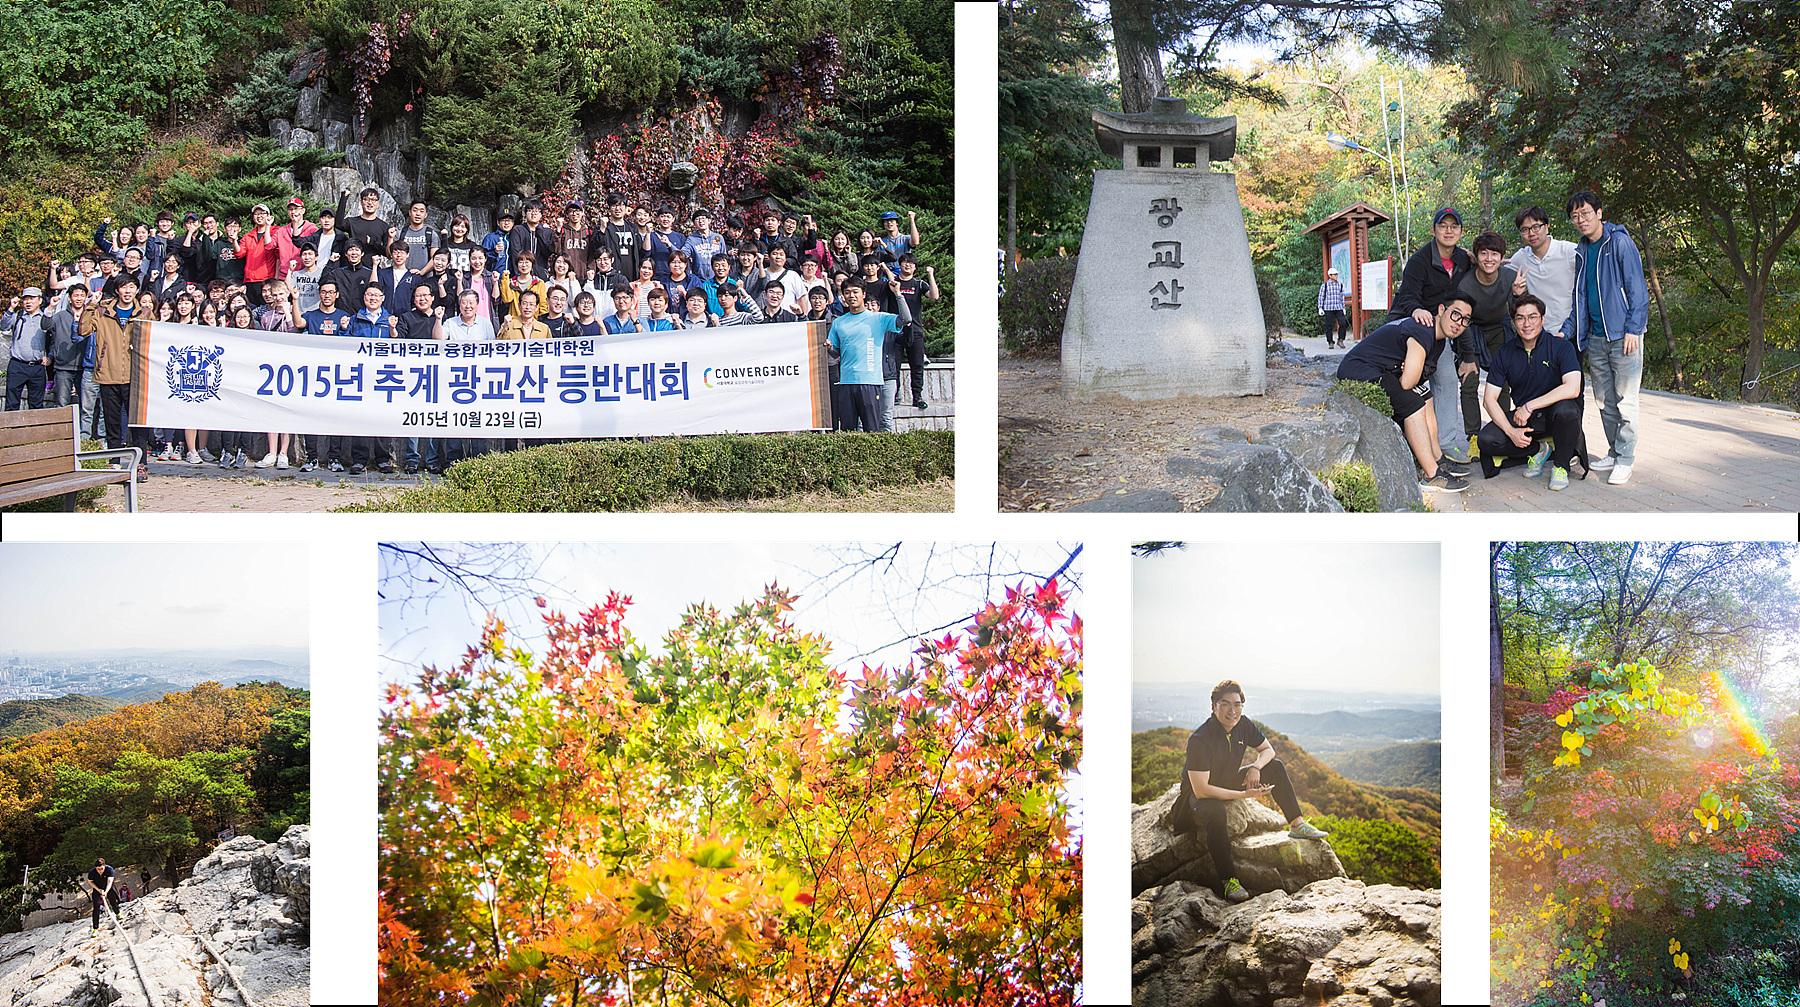 15년 10월 융합대학원 광교산등산